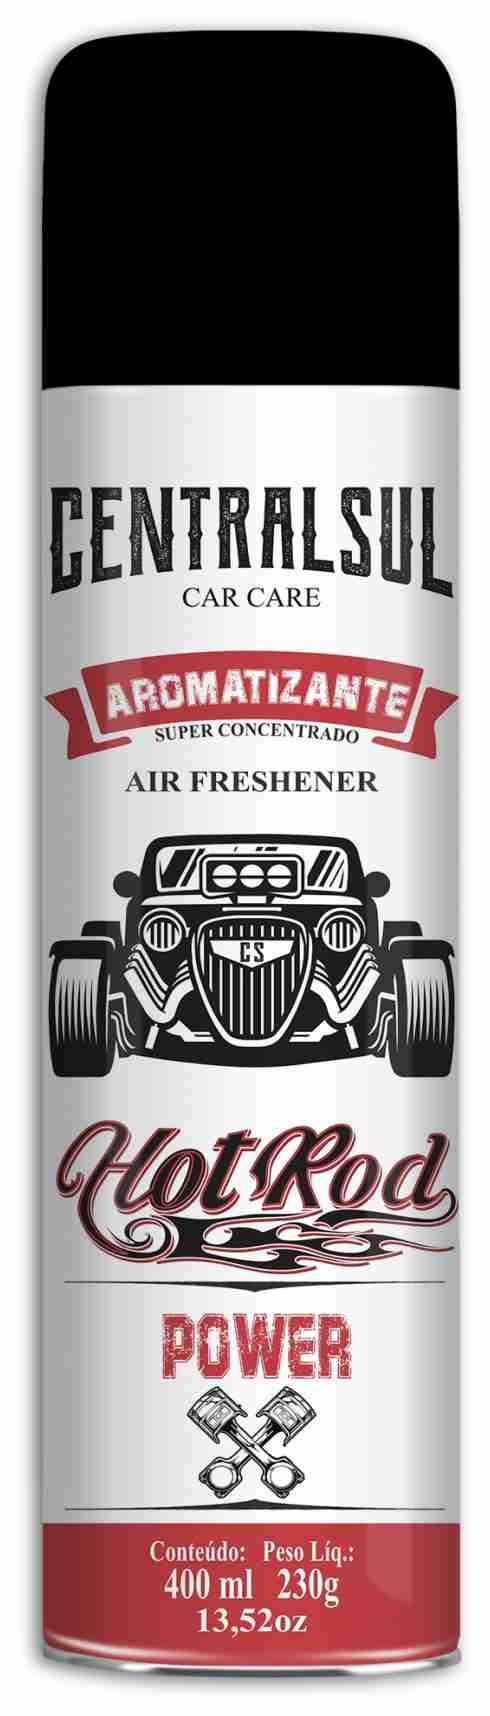 Aromatizante Hot Rod Aerossol Power 400ml Centralsul  - Rea Comércio - Sua Loja Completa!